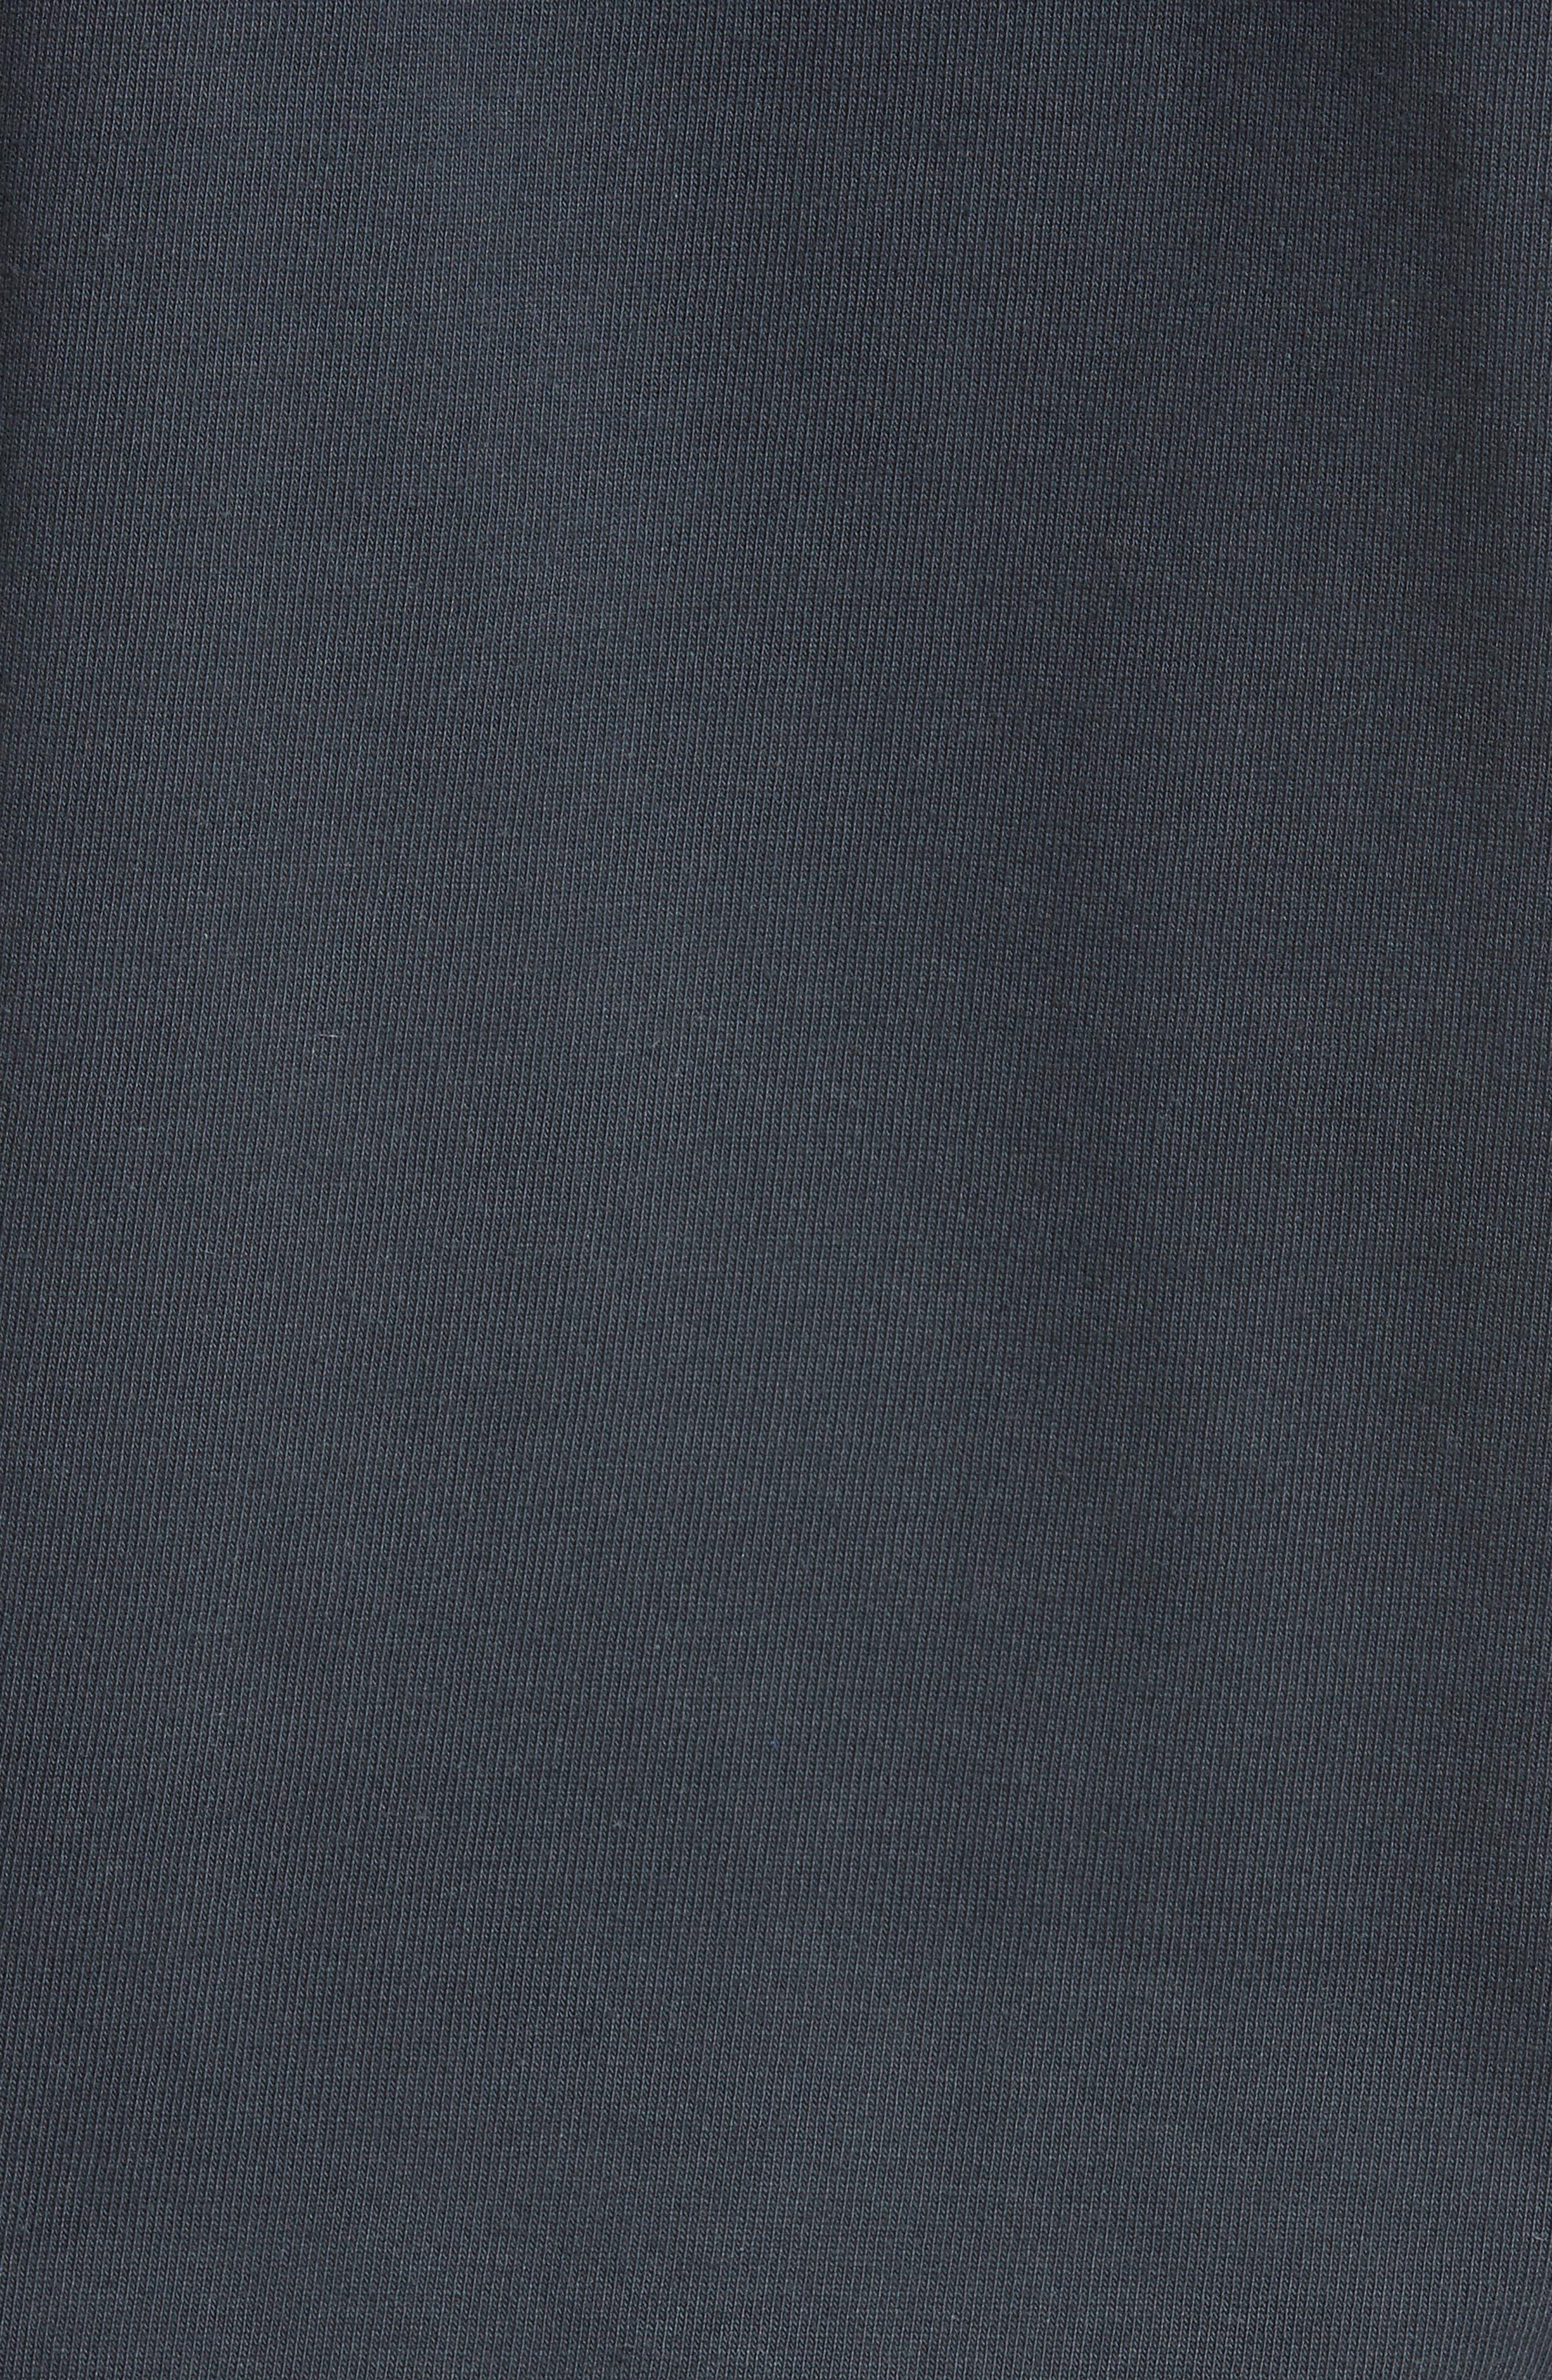 Alternate Image 5  - A.P.C. Brody Hooded Sweatshirt